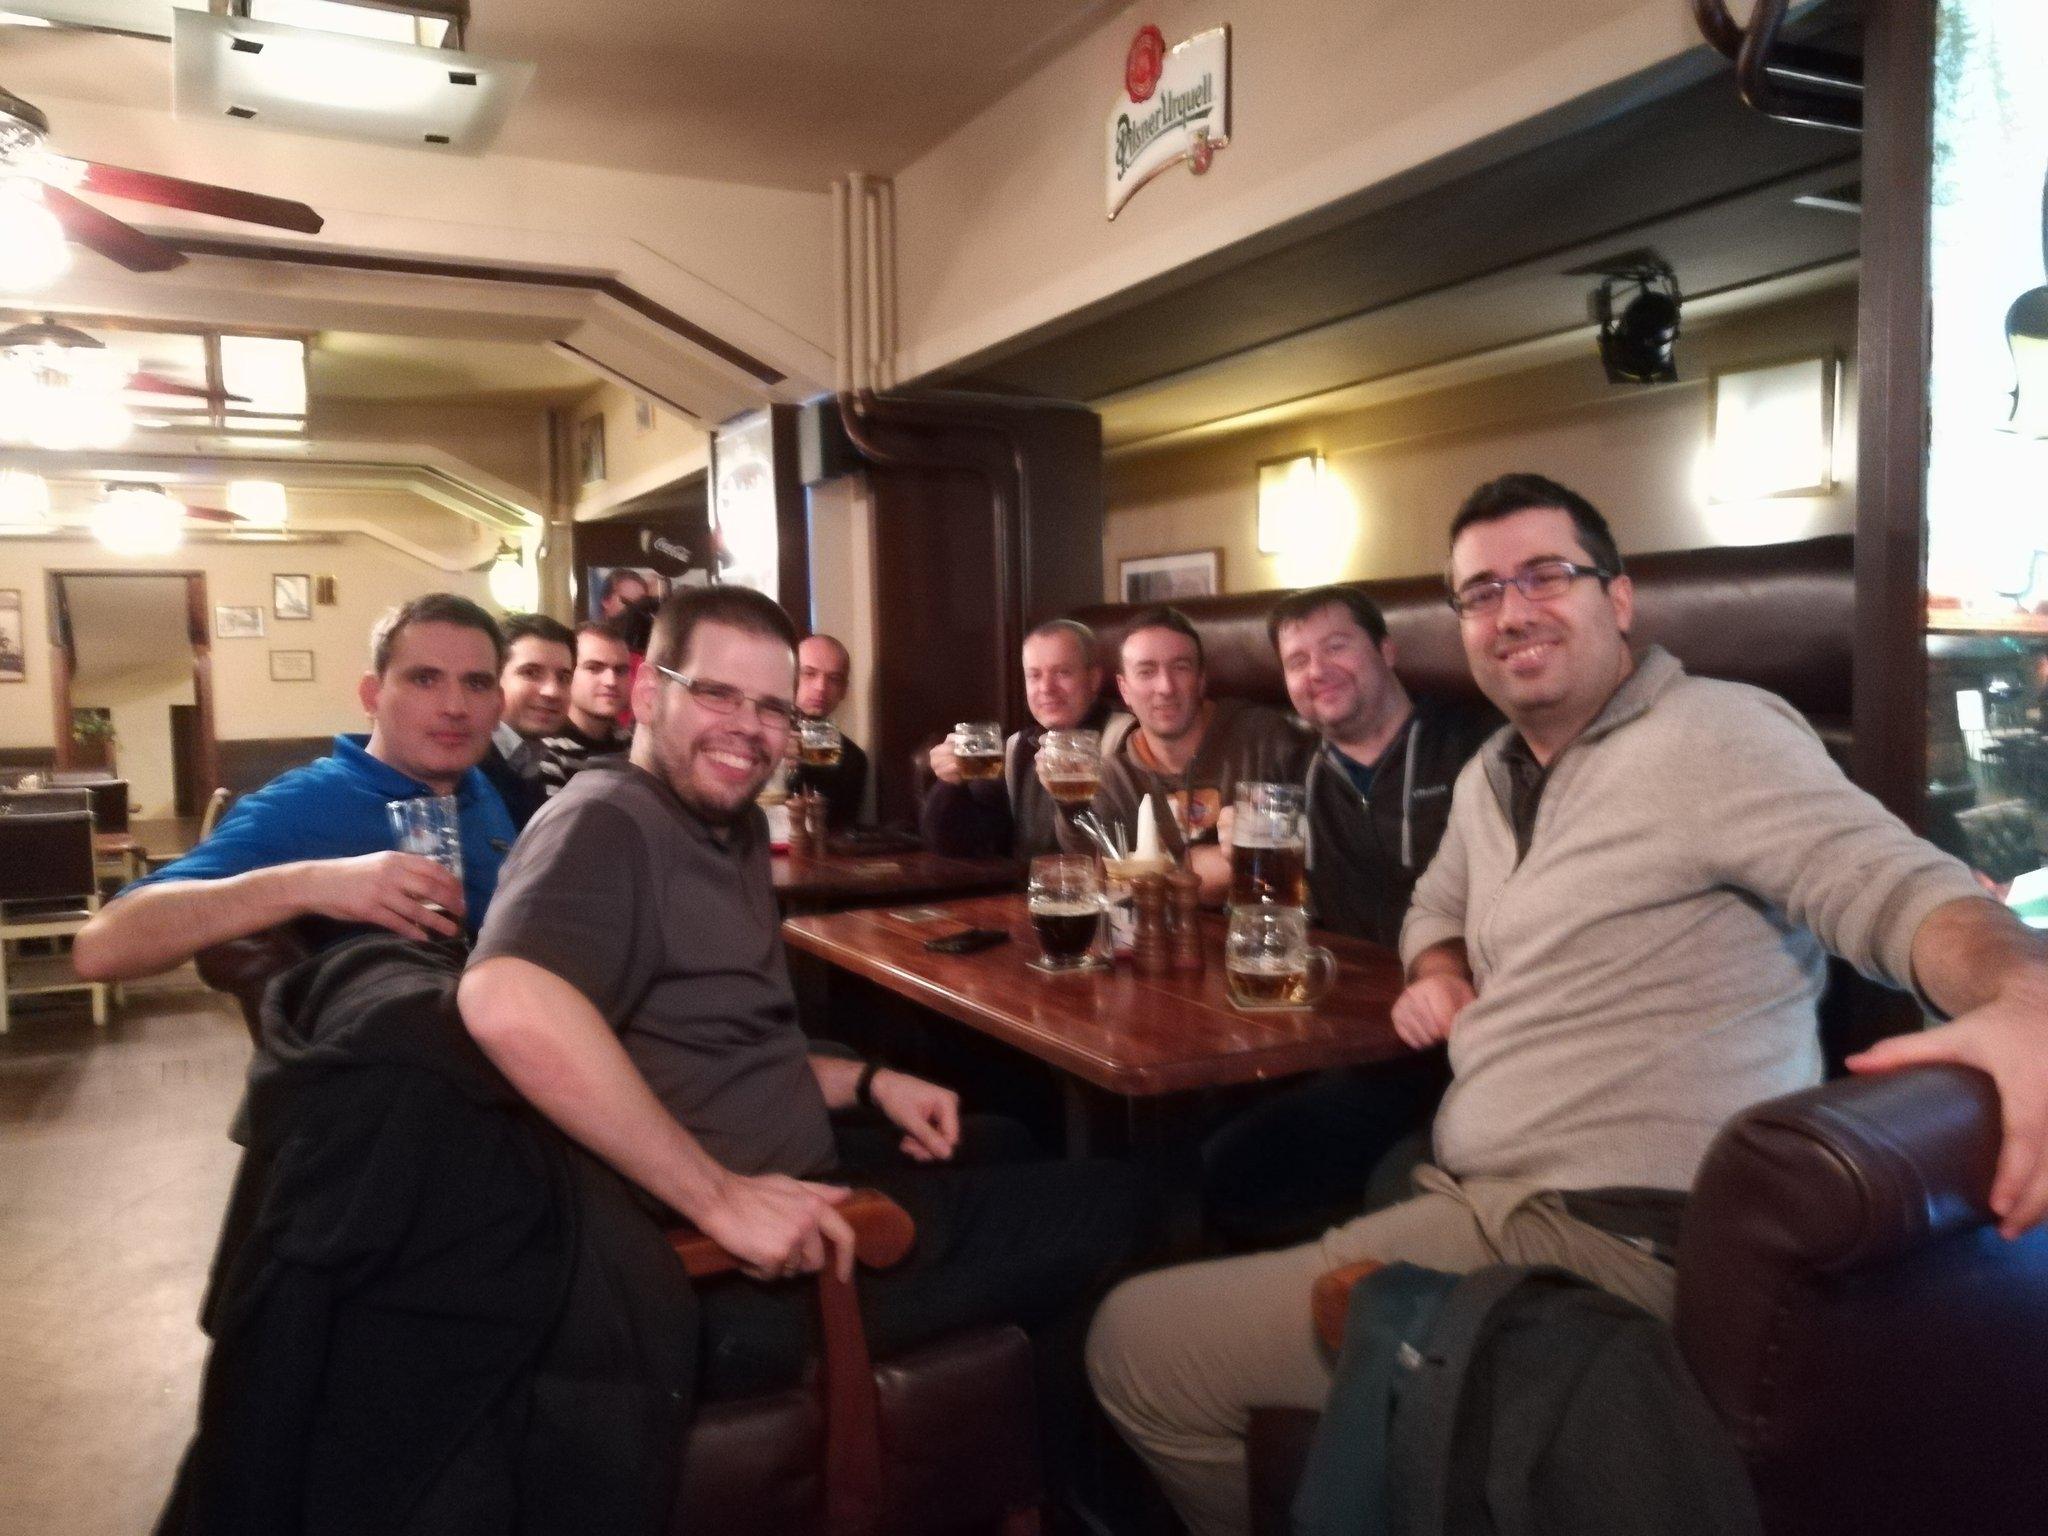 Left to right: David Pasek (VMware), Michal Hrnčiřík (Runecast), Ivaylo Ivanov (Runecast), Manfred Hofer (VMware), Nikita Palchikov (Runecast), Andrea Mauro (vinfrastructure.it), Paolo Valsecchi (nolabnoparty.com), Karel Novak (Czech VMUG Leader), Stanimir Markov(Runecast).